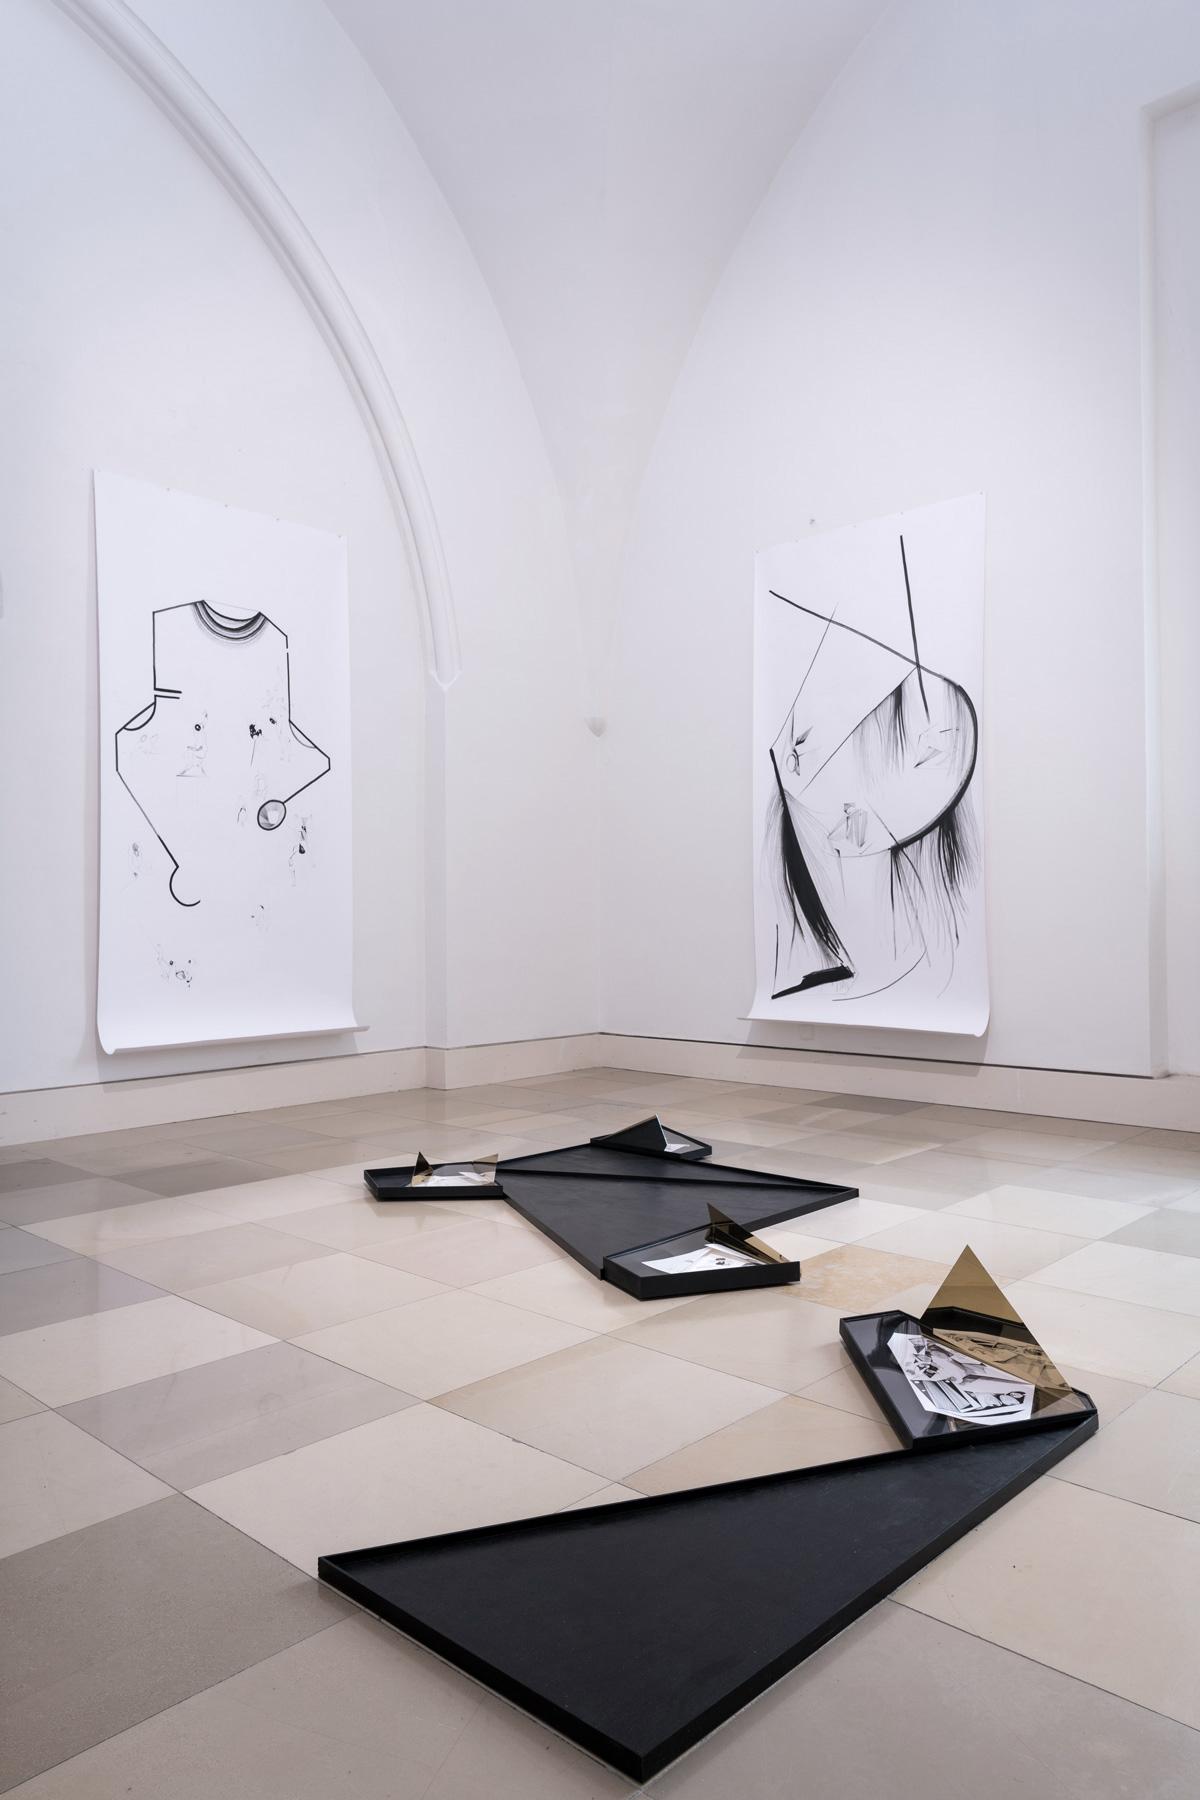 Nina Annabelle Märkl | Installationsansicht | Galerie der Künstler München | 2018 | Foto: Achim Schäfer